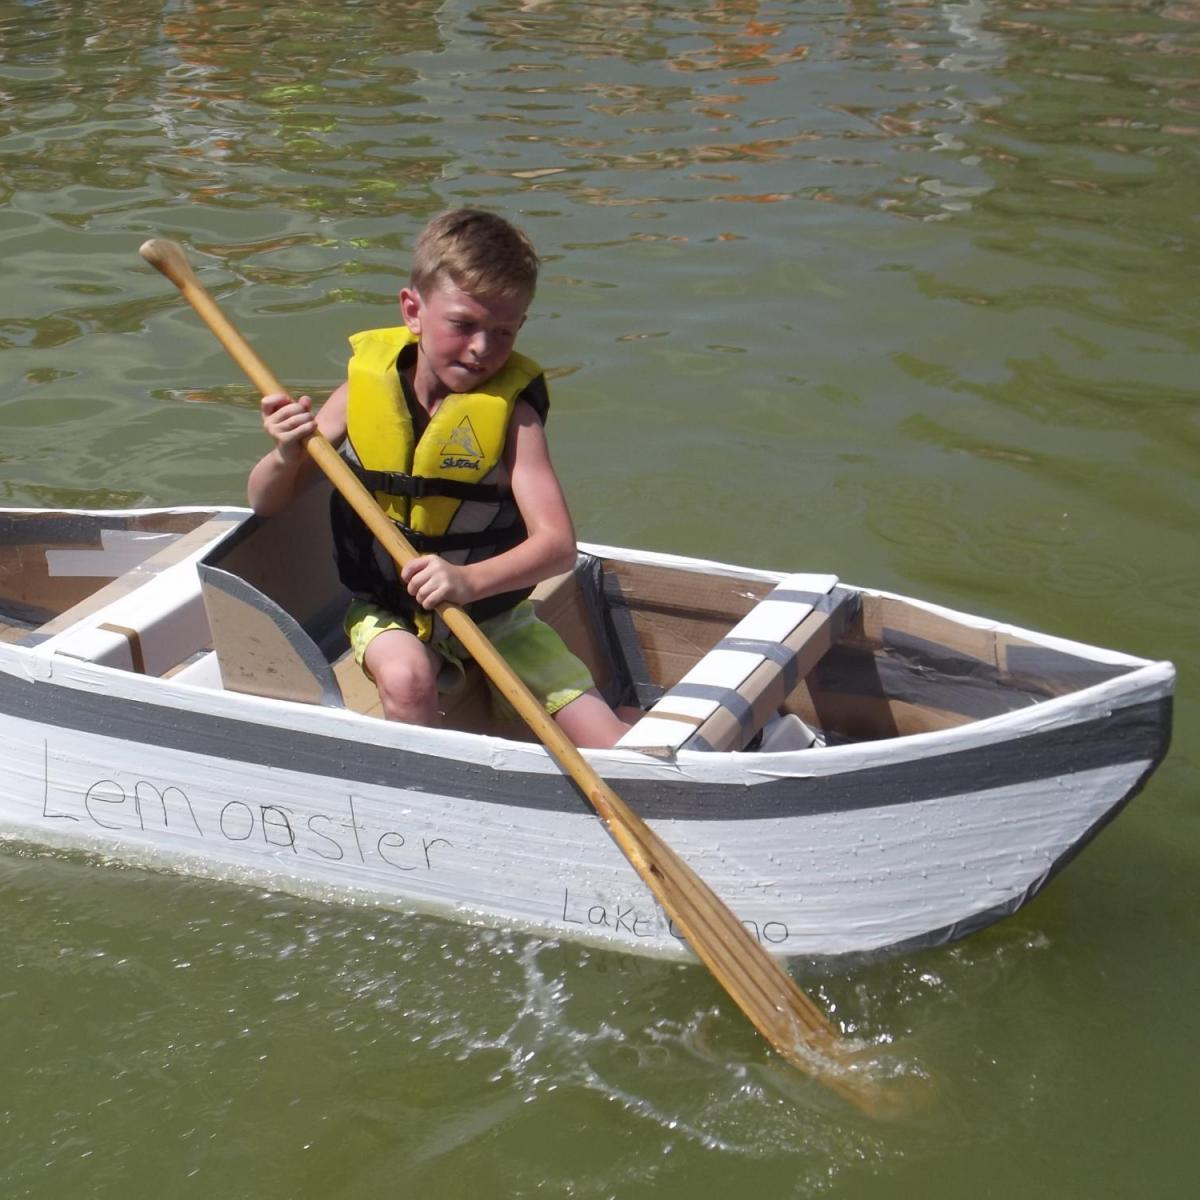 Swim Spa For Sale >> Cardboard Boat Races on Lake Como | Best of Lake Geneva